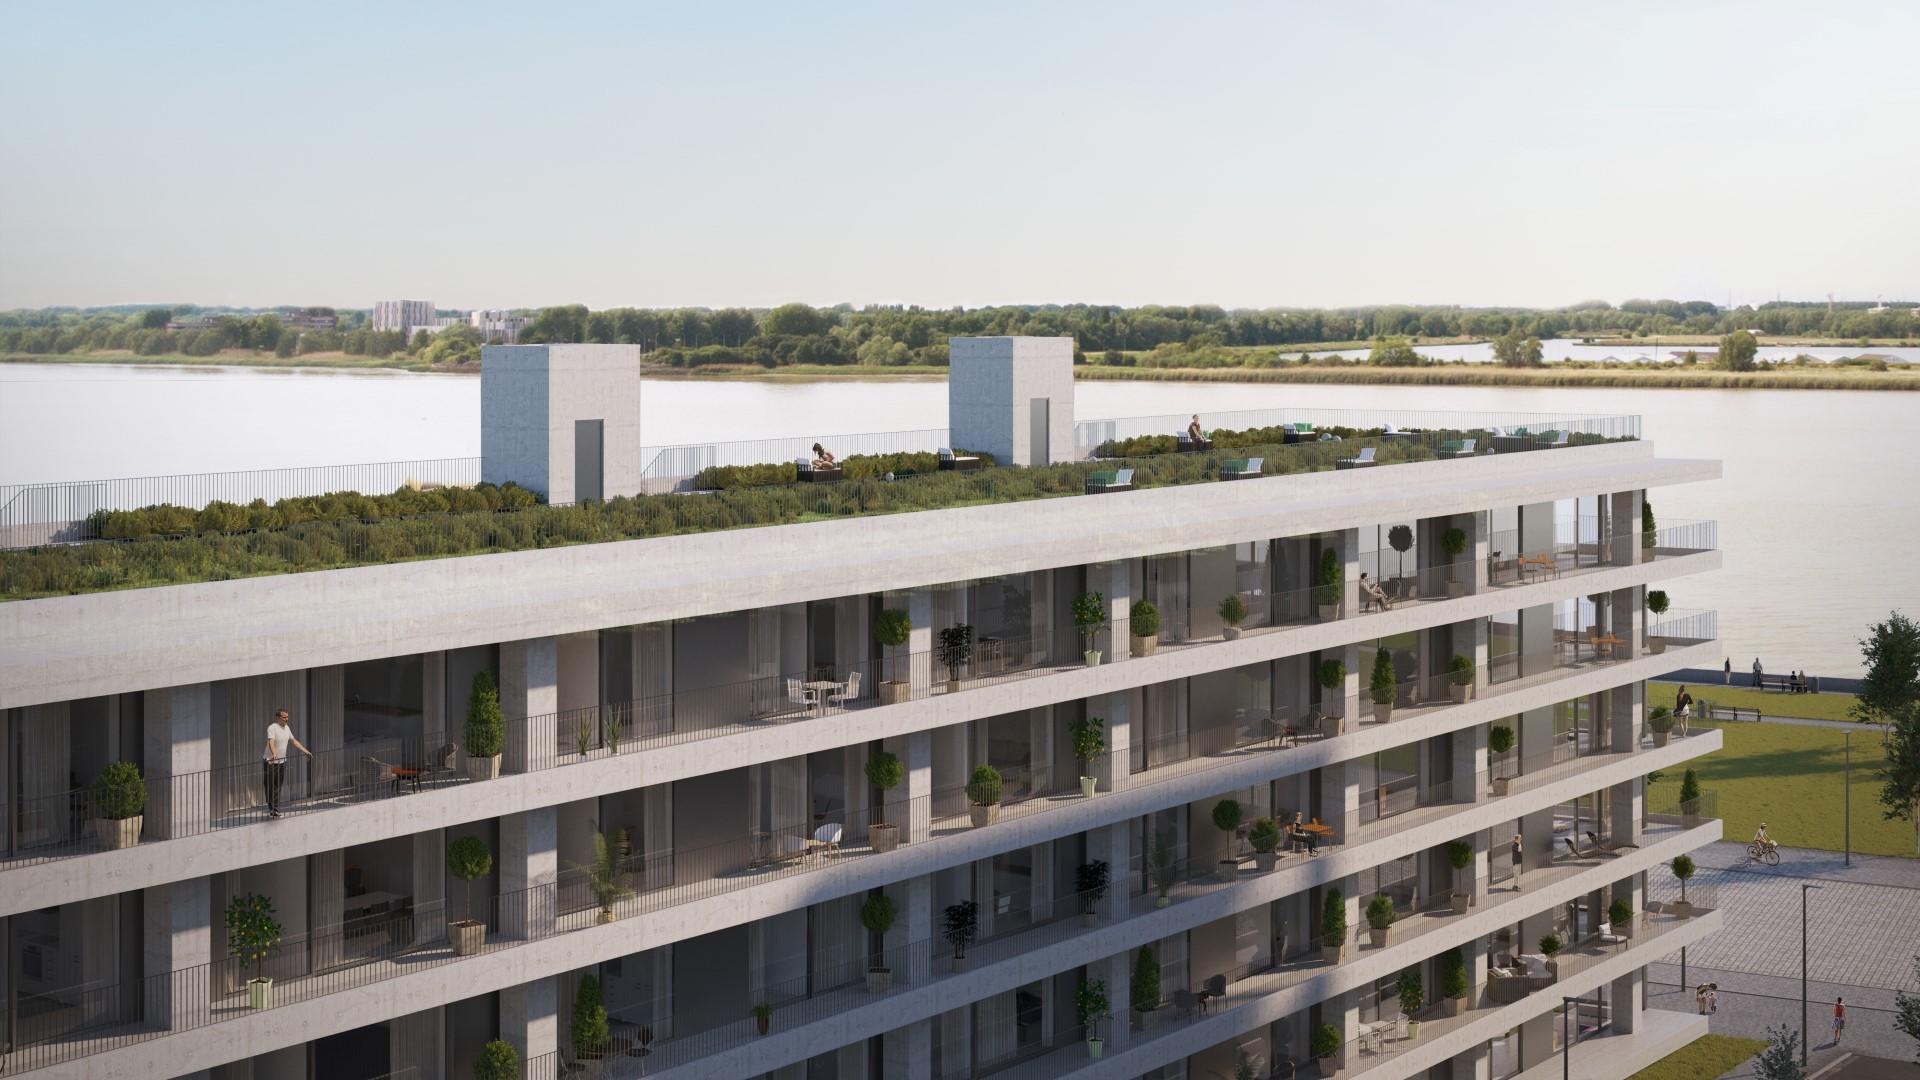 Nieuwbouwproject HÅVN ontworpen door Johannes Norlander op Nieuw Zuid